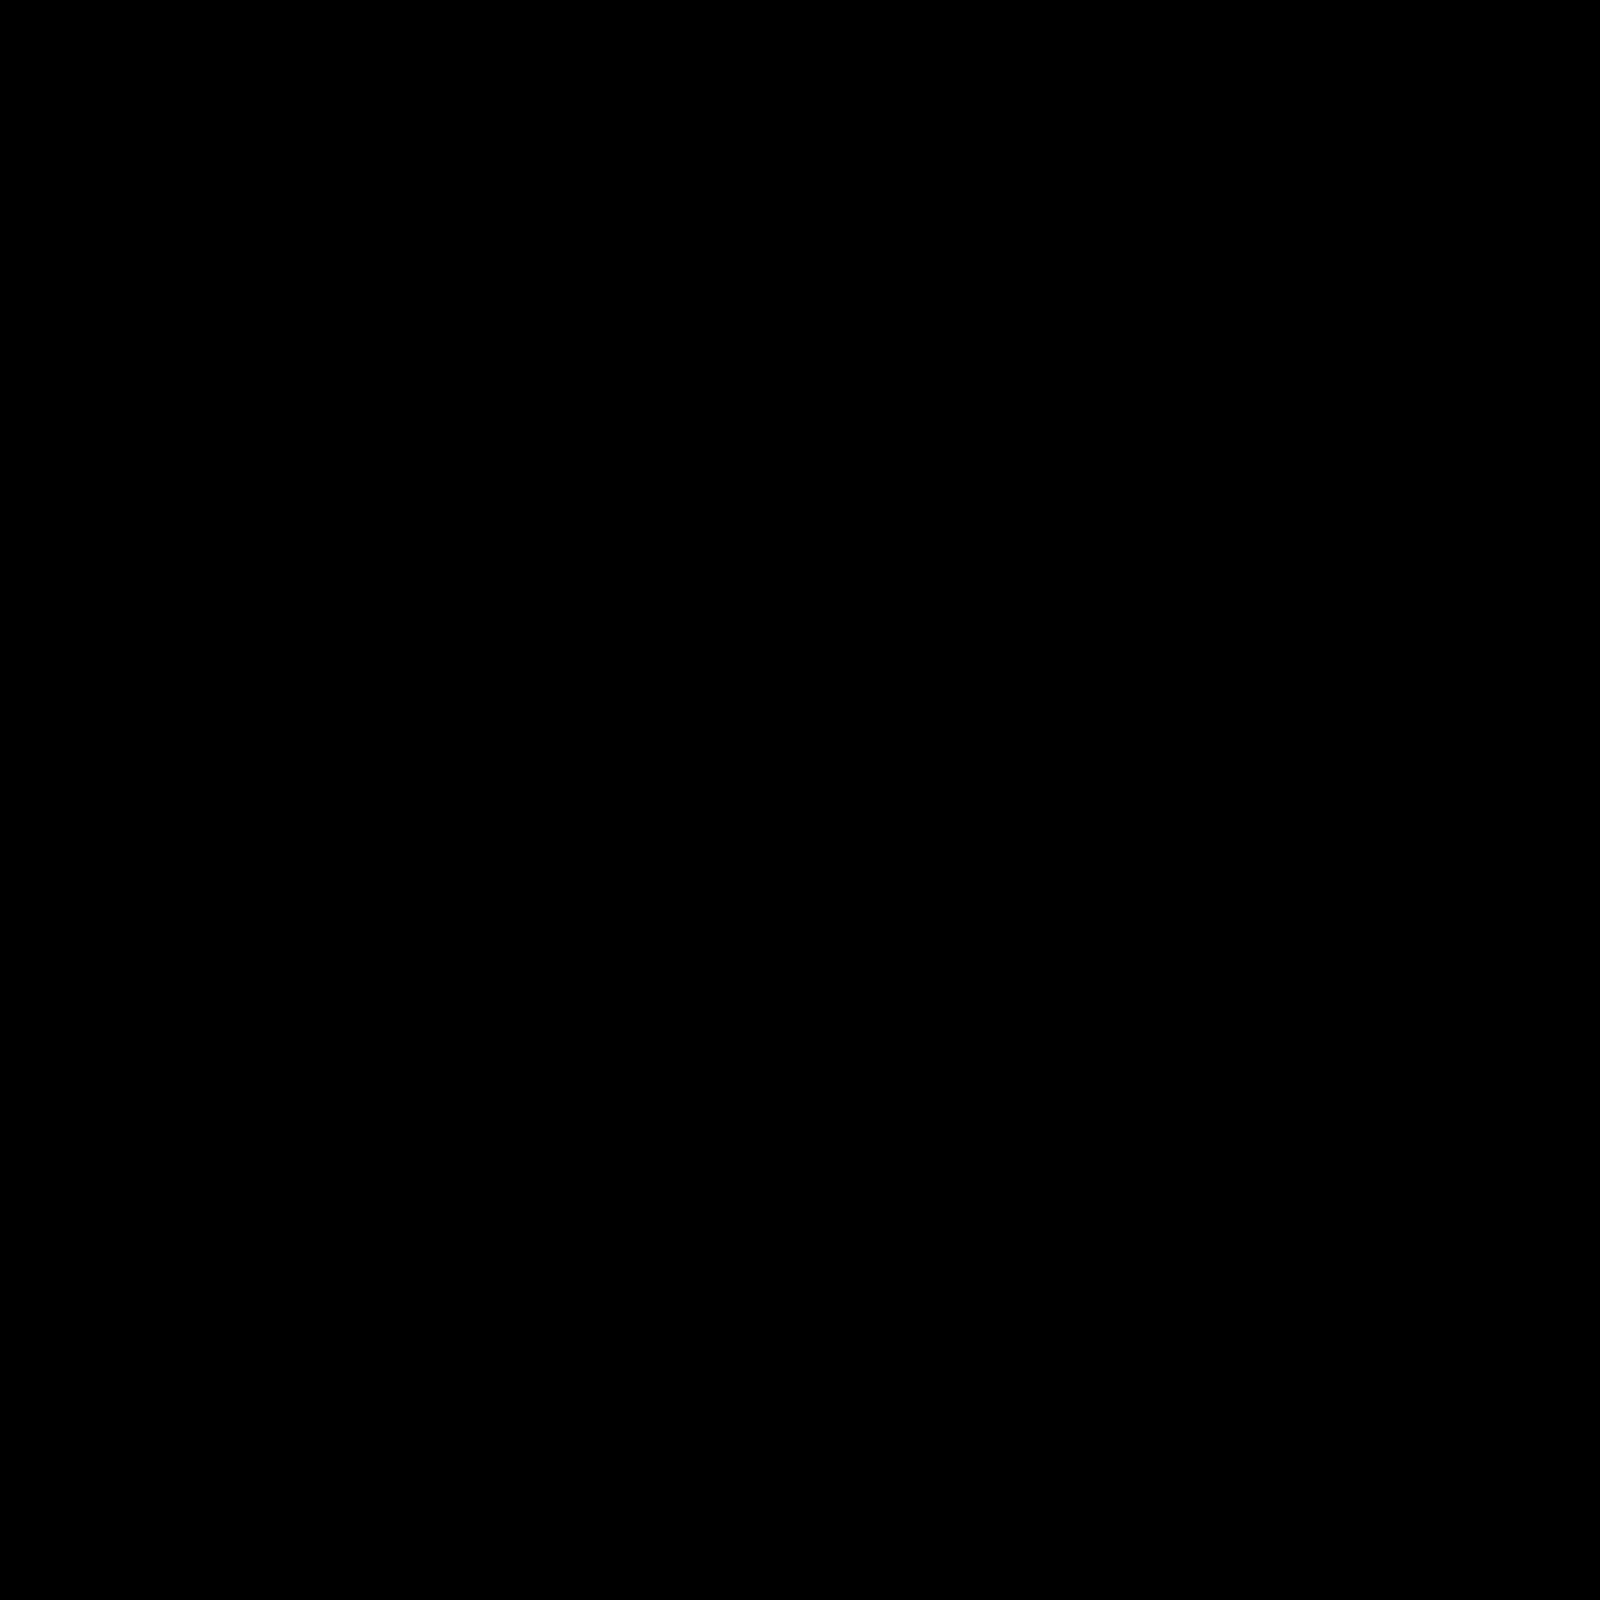 控制 icon. This icon for control  is a rectangle with sides that are nearly equal in length. The width is a bit larger than the height. The corners are rounded, and at its center are there letters ctrl, with the C being capitalized.